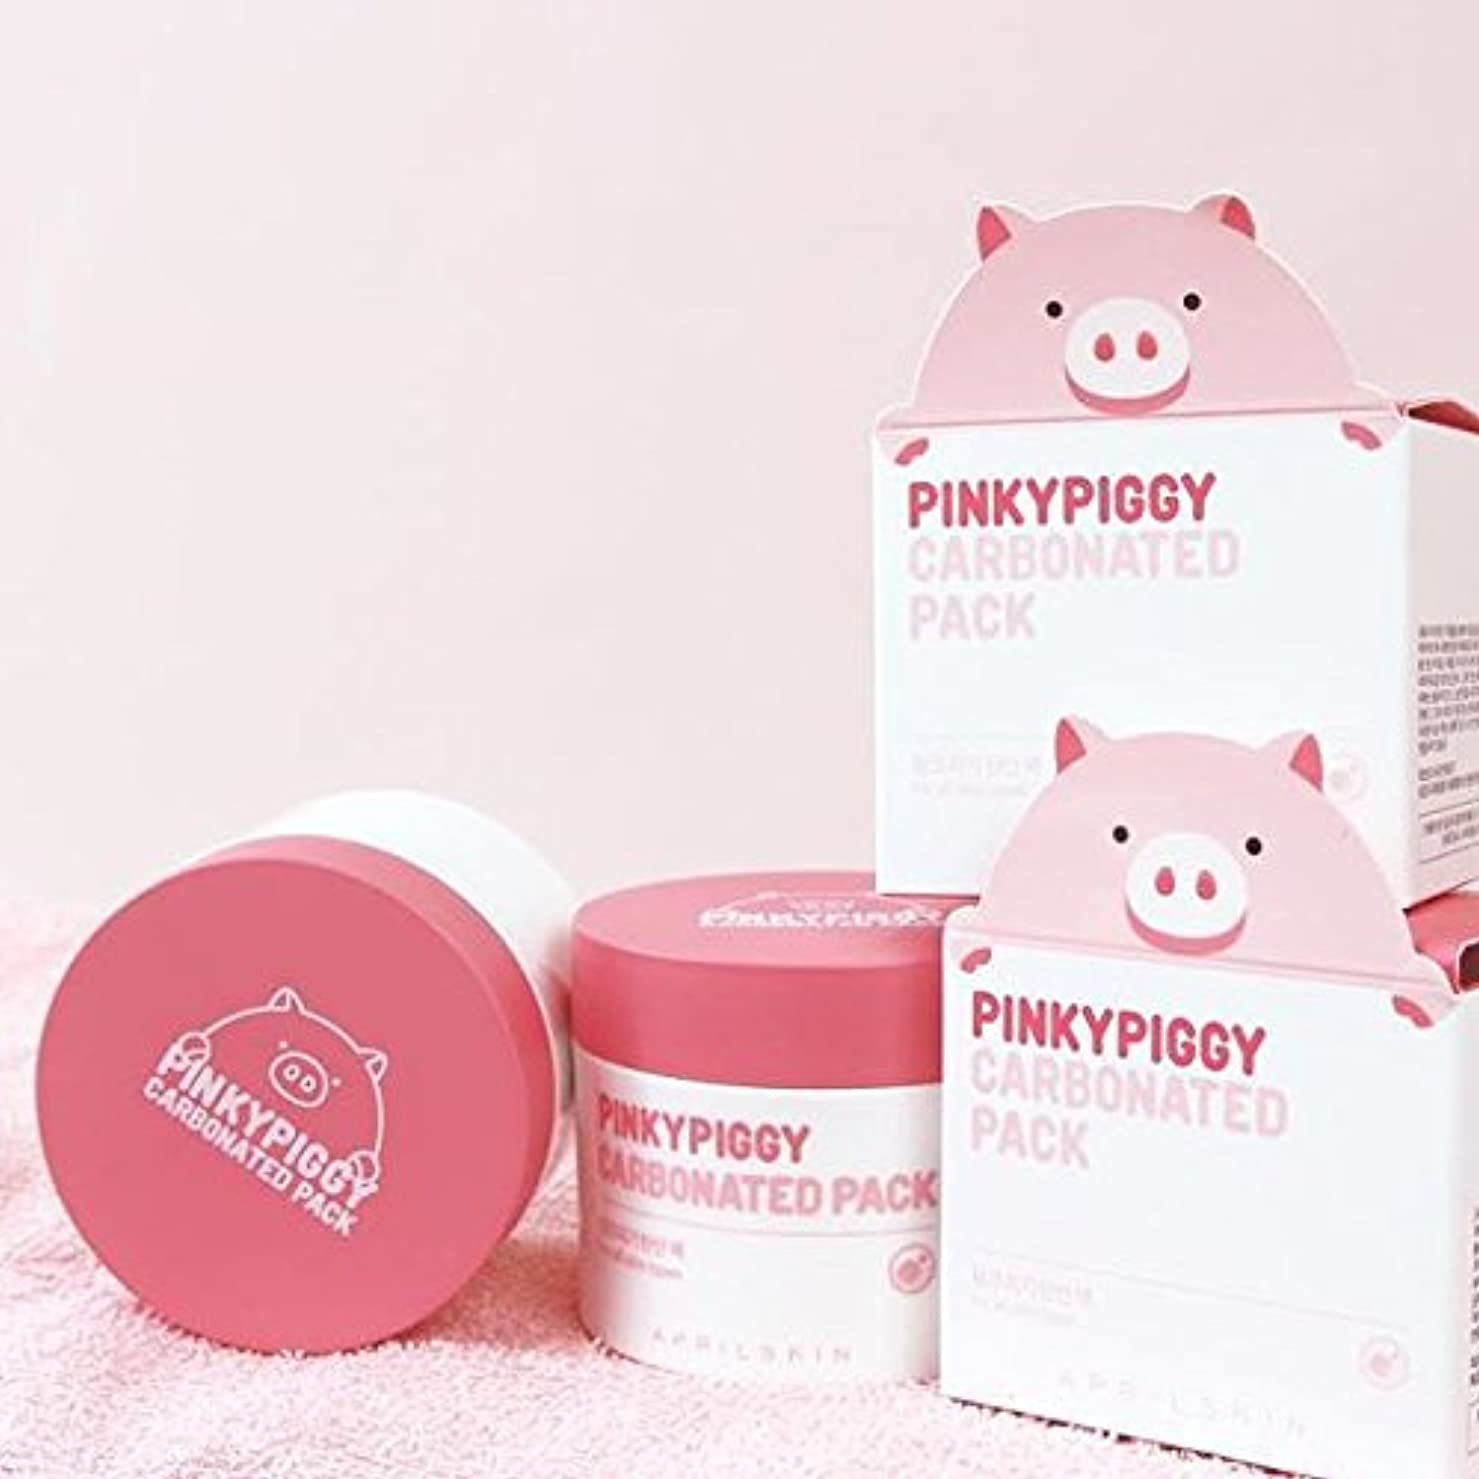 行為ウェーハシェフApril Skin Pinky Piggy Carbonated Pack 100g Direct form Korea/w Gift Sample [並行輸入品]